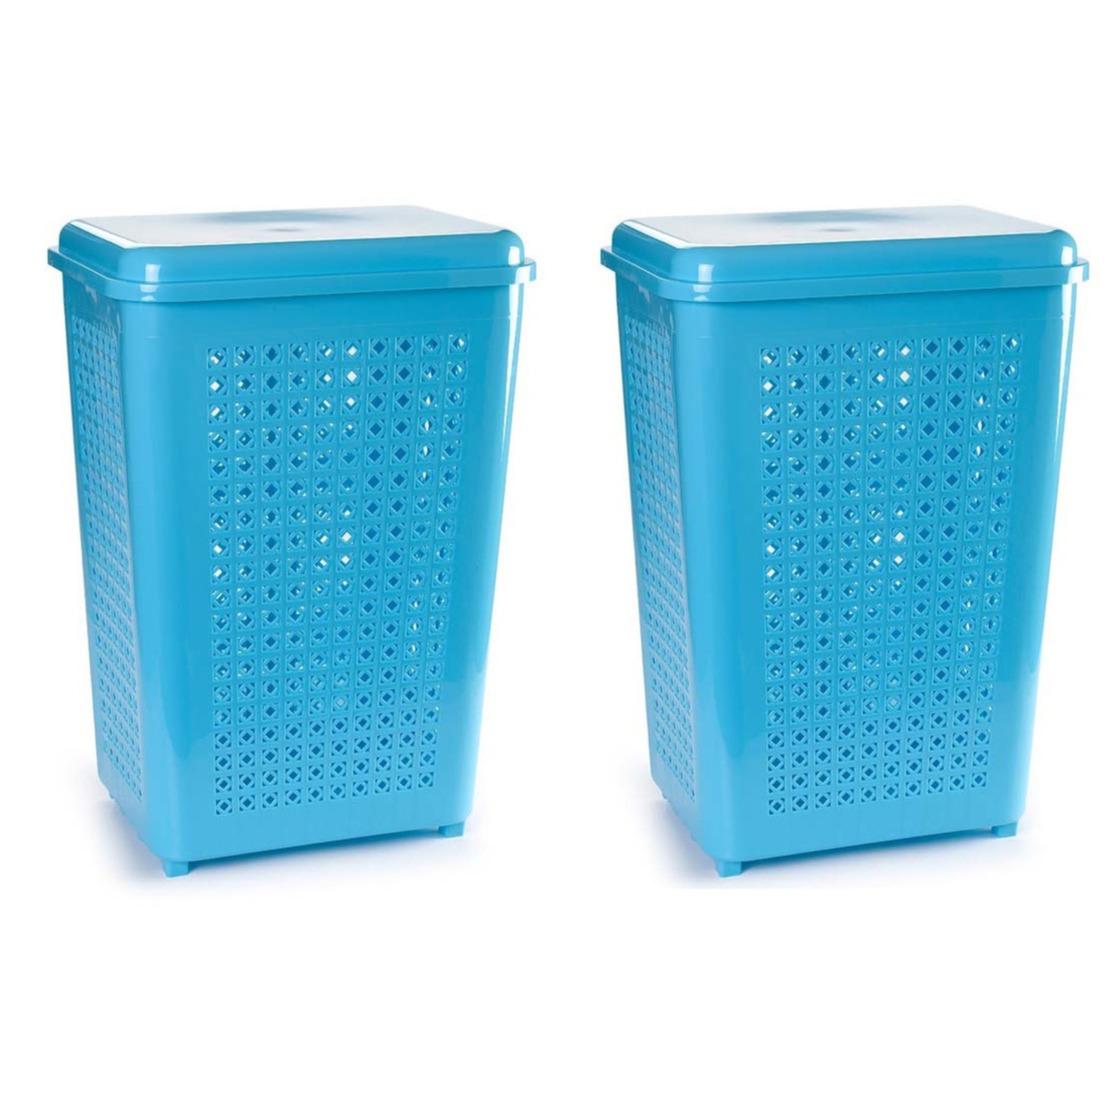 2x stuks grote wasmand opberg mand met deksel 50 liter in het lichtblauw